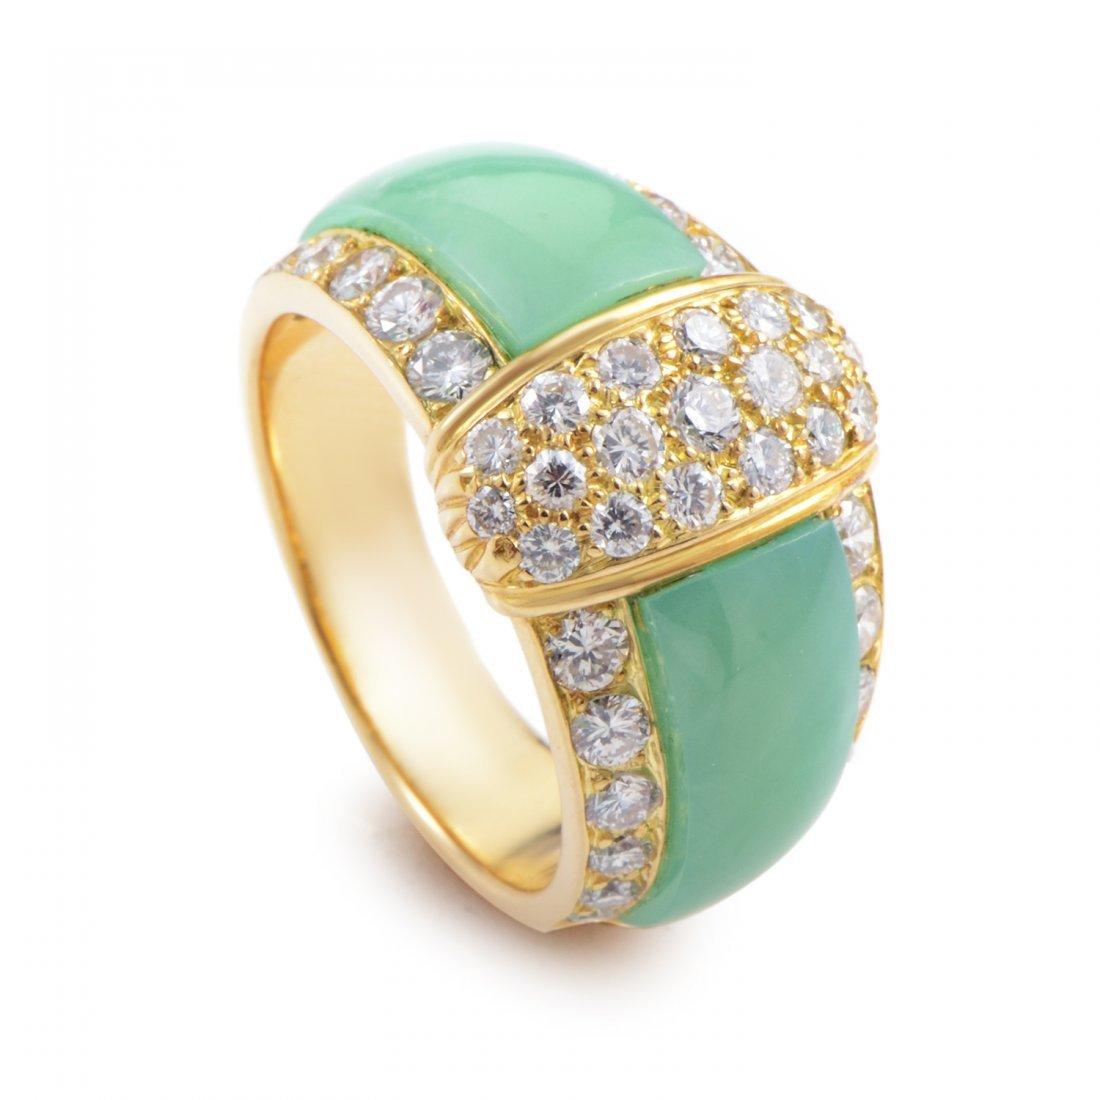 Van Cleef & Arpels 18K Yellow Gold Diamond &